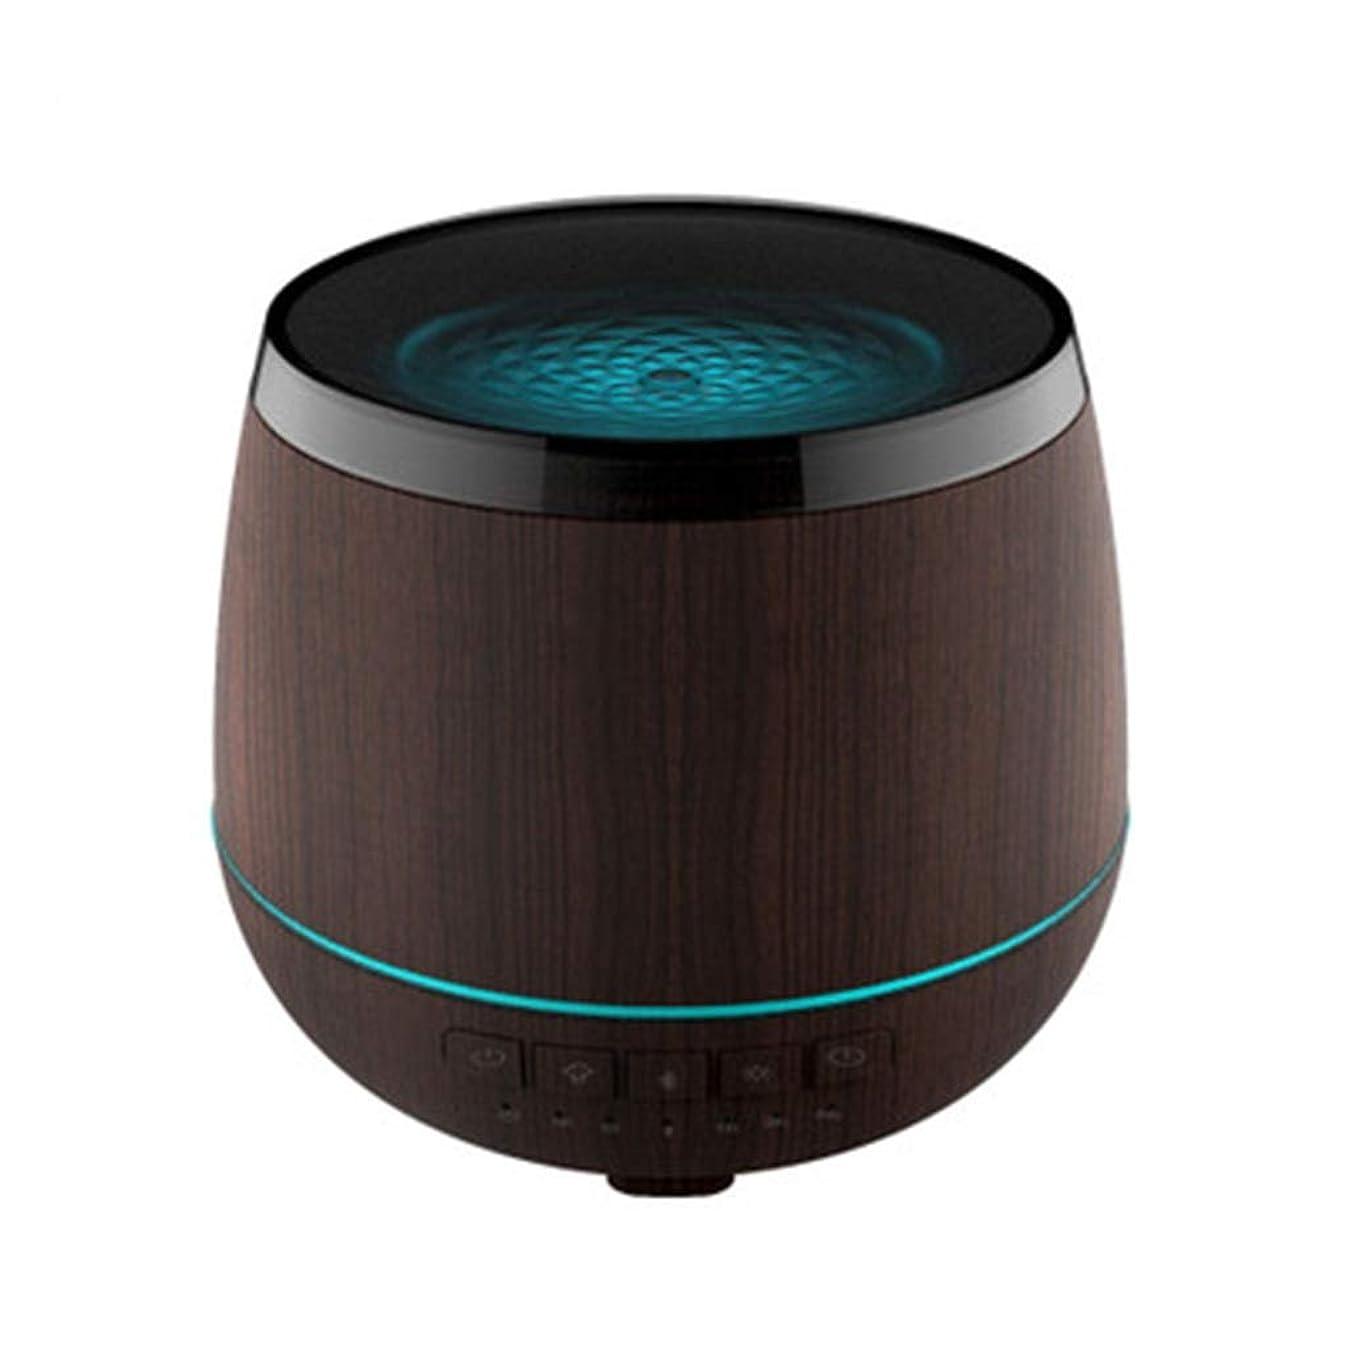 受益者虚偽噴水スマートなブルートゥースのスピーカーの加湿器、可聴周波超音波炉の必要な夜ライト無言の本社 (Color : Black)